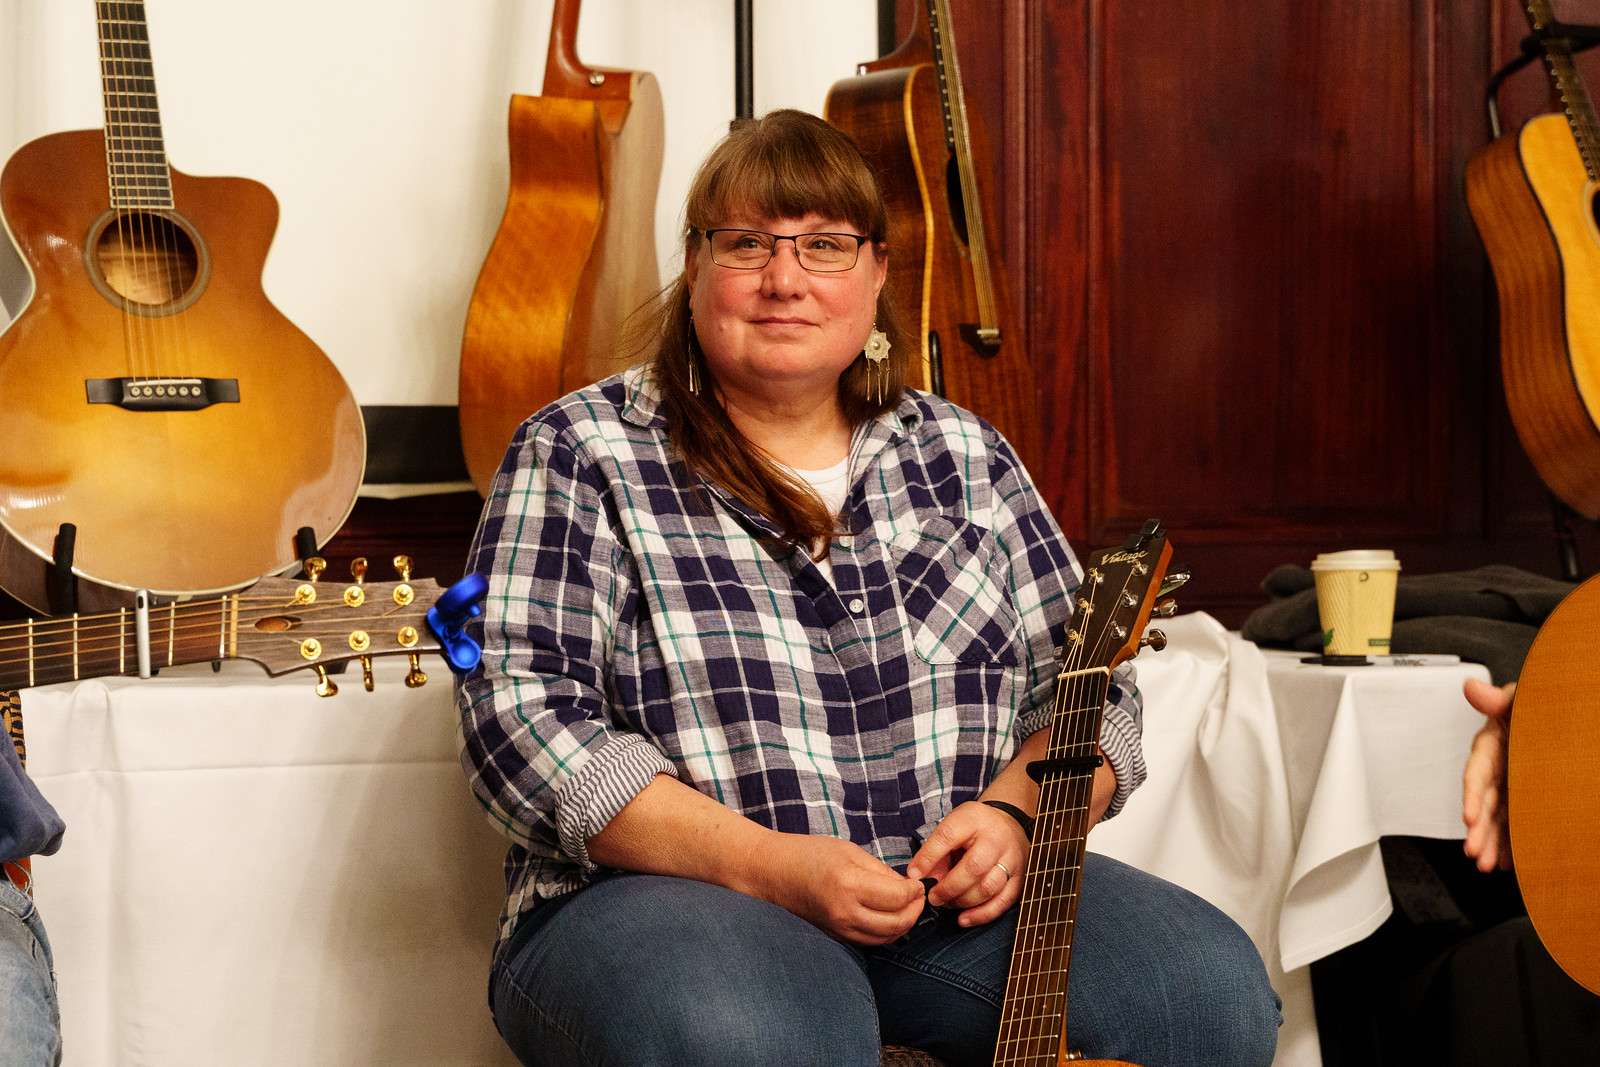 Lynn McFarland